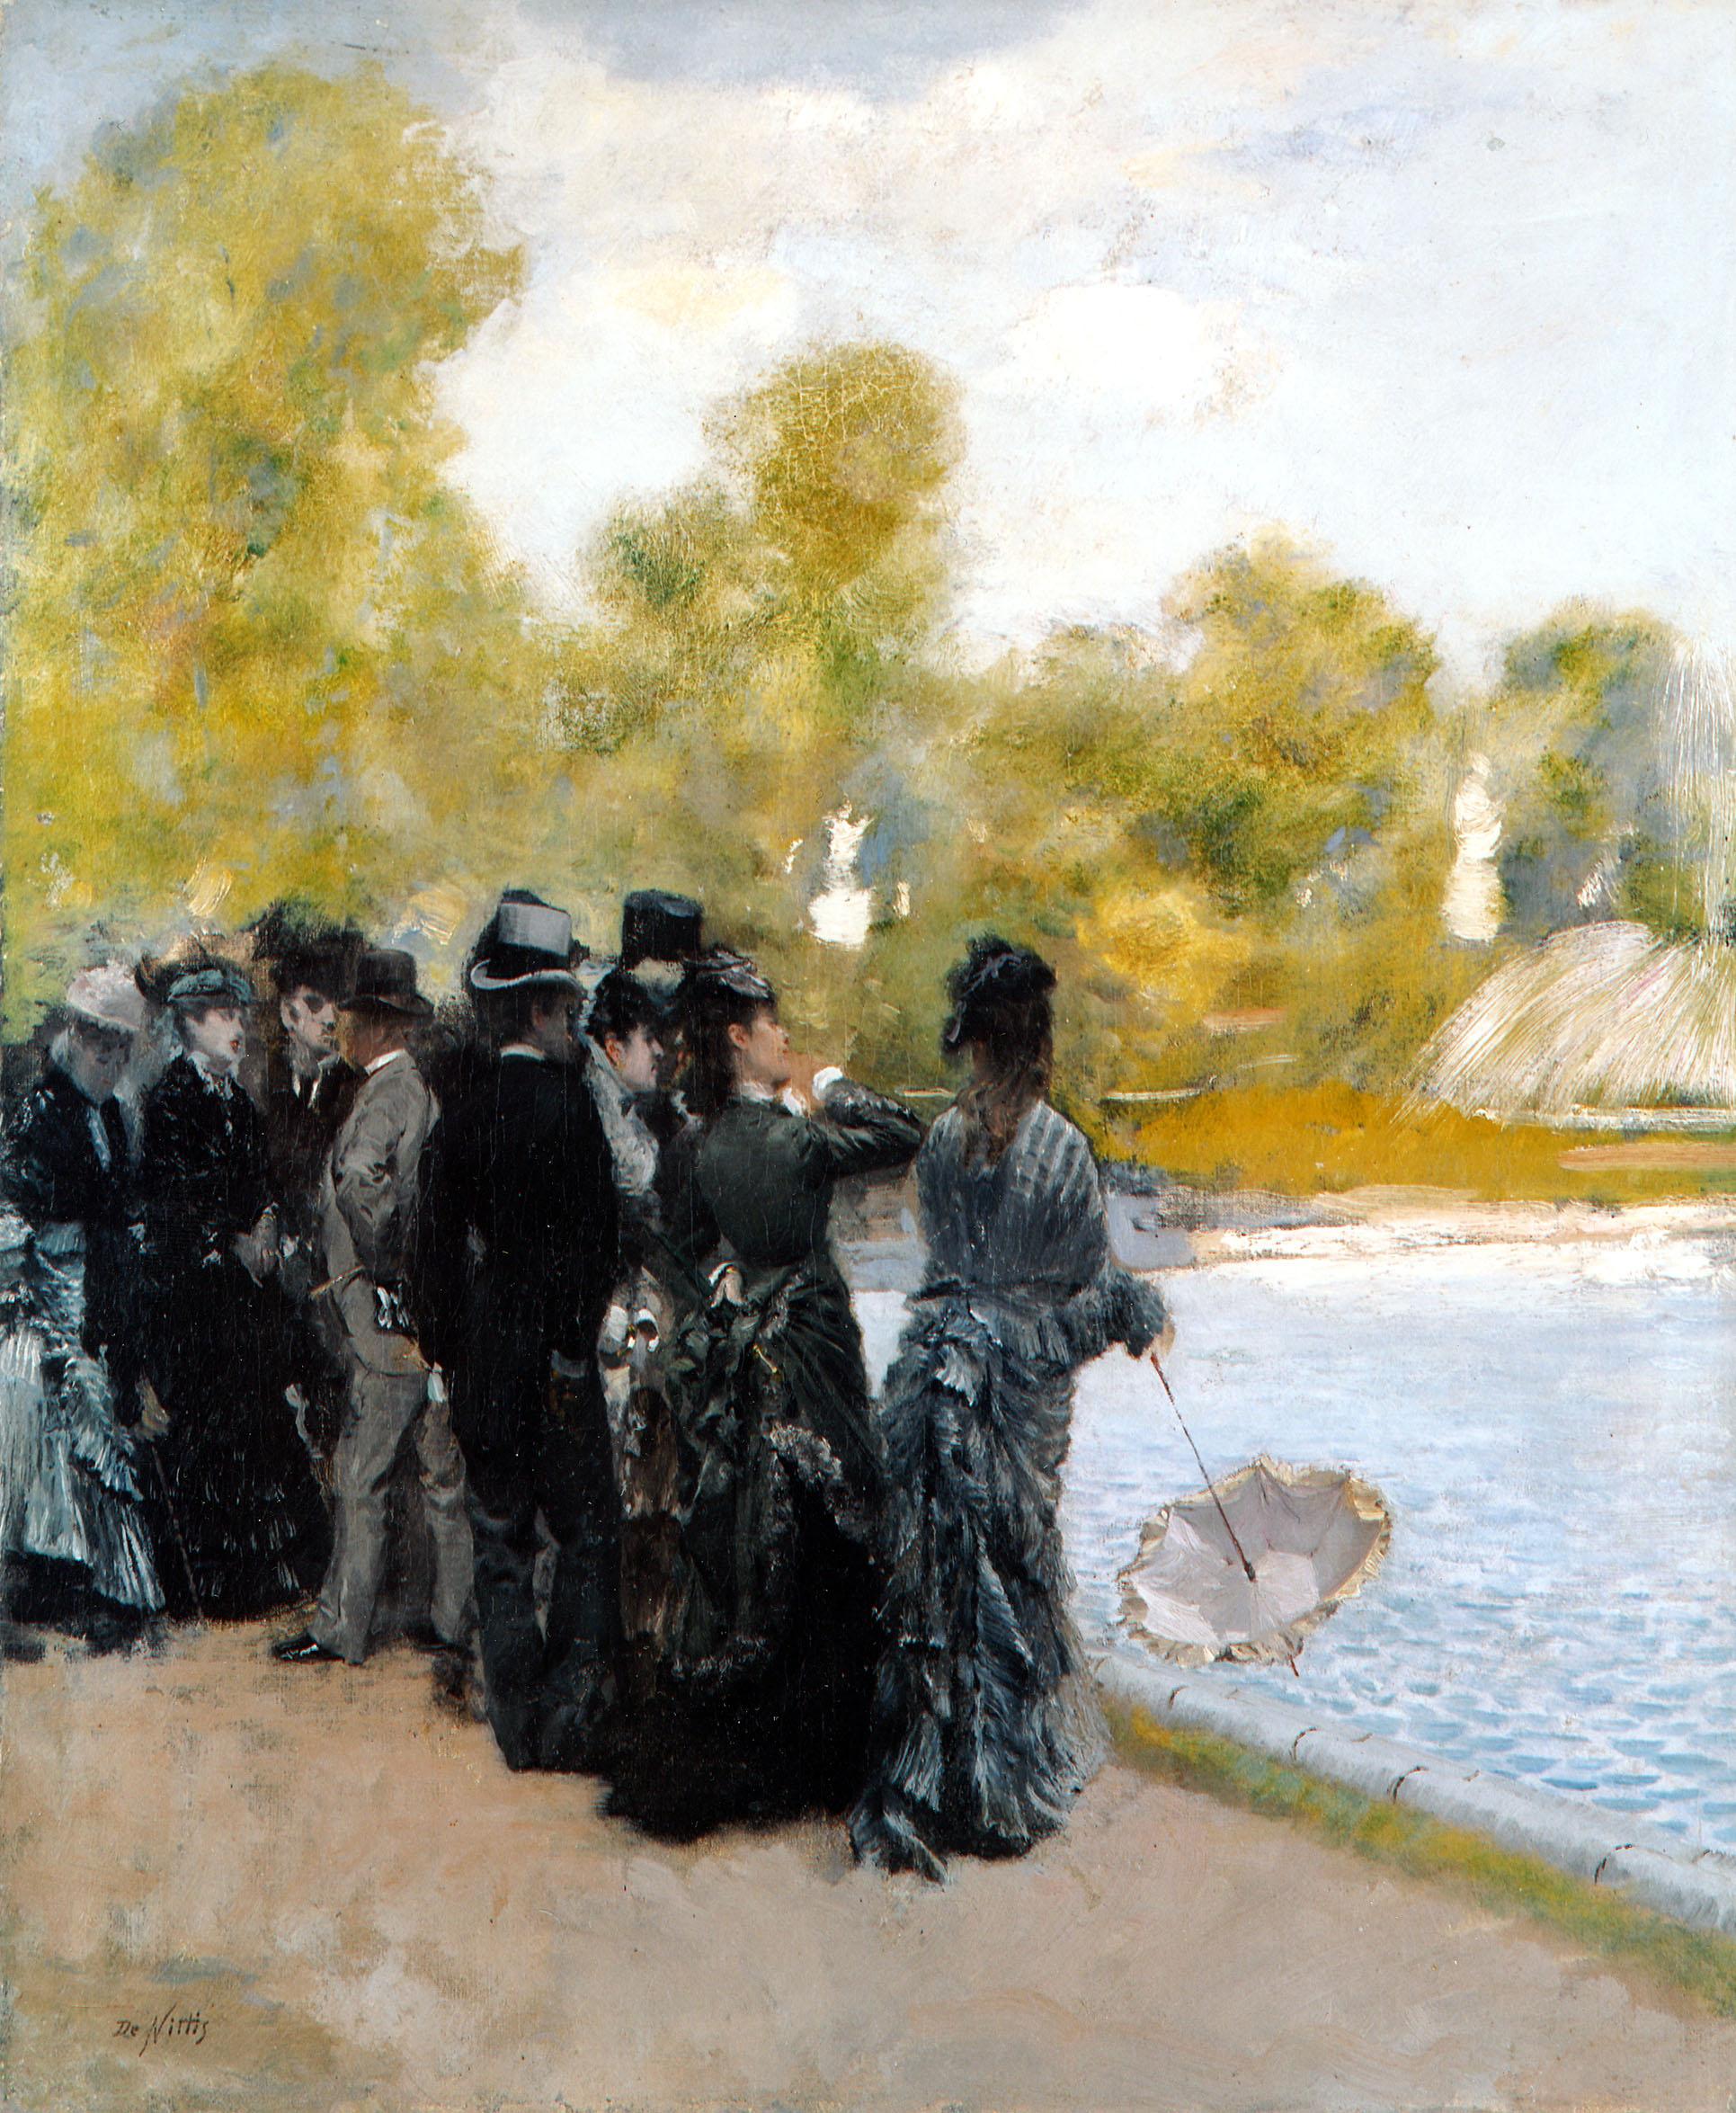 giuseppe-de-nittis-accanto-al-laghetto-dei-giardini-del-lussemburgo-1875-olio-su-tela-cm-46x38-collezione-privata-courtesy-galleria-bottegantica-bologna-milano (1)